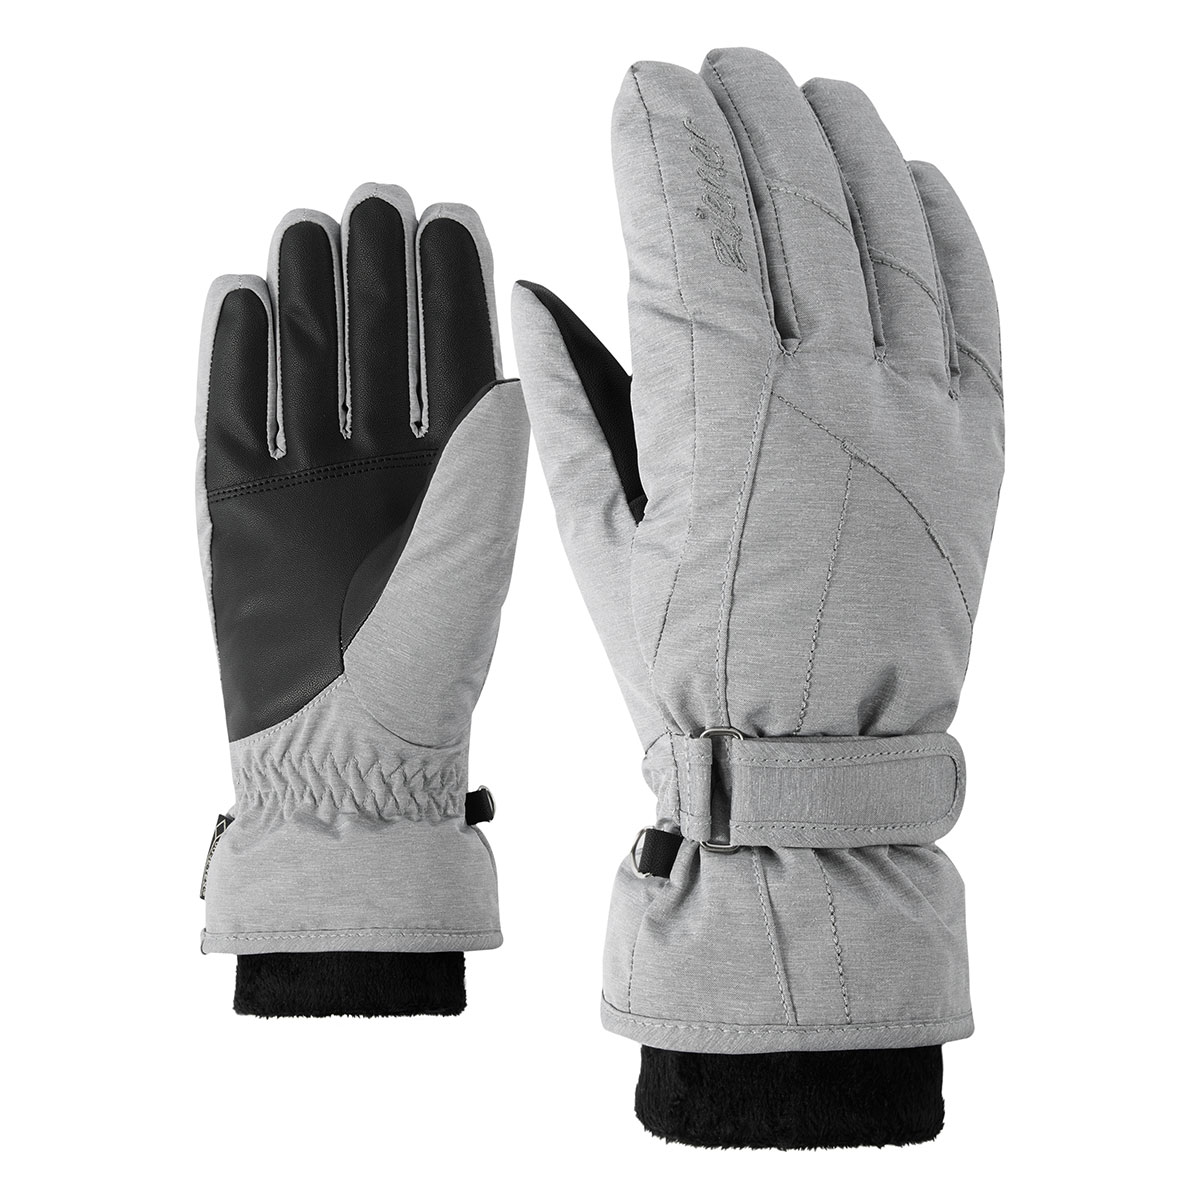 1c24c8bfd5c KARMA GTX + Gore warm lady glove - ZIENER - Gloves